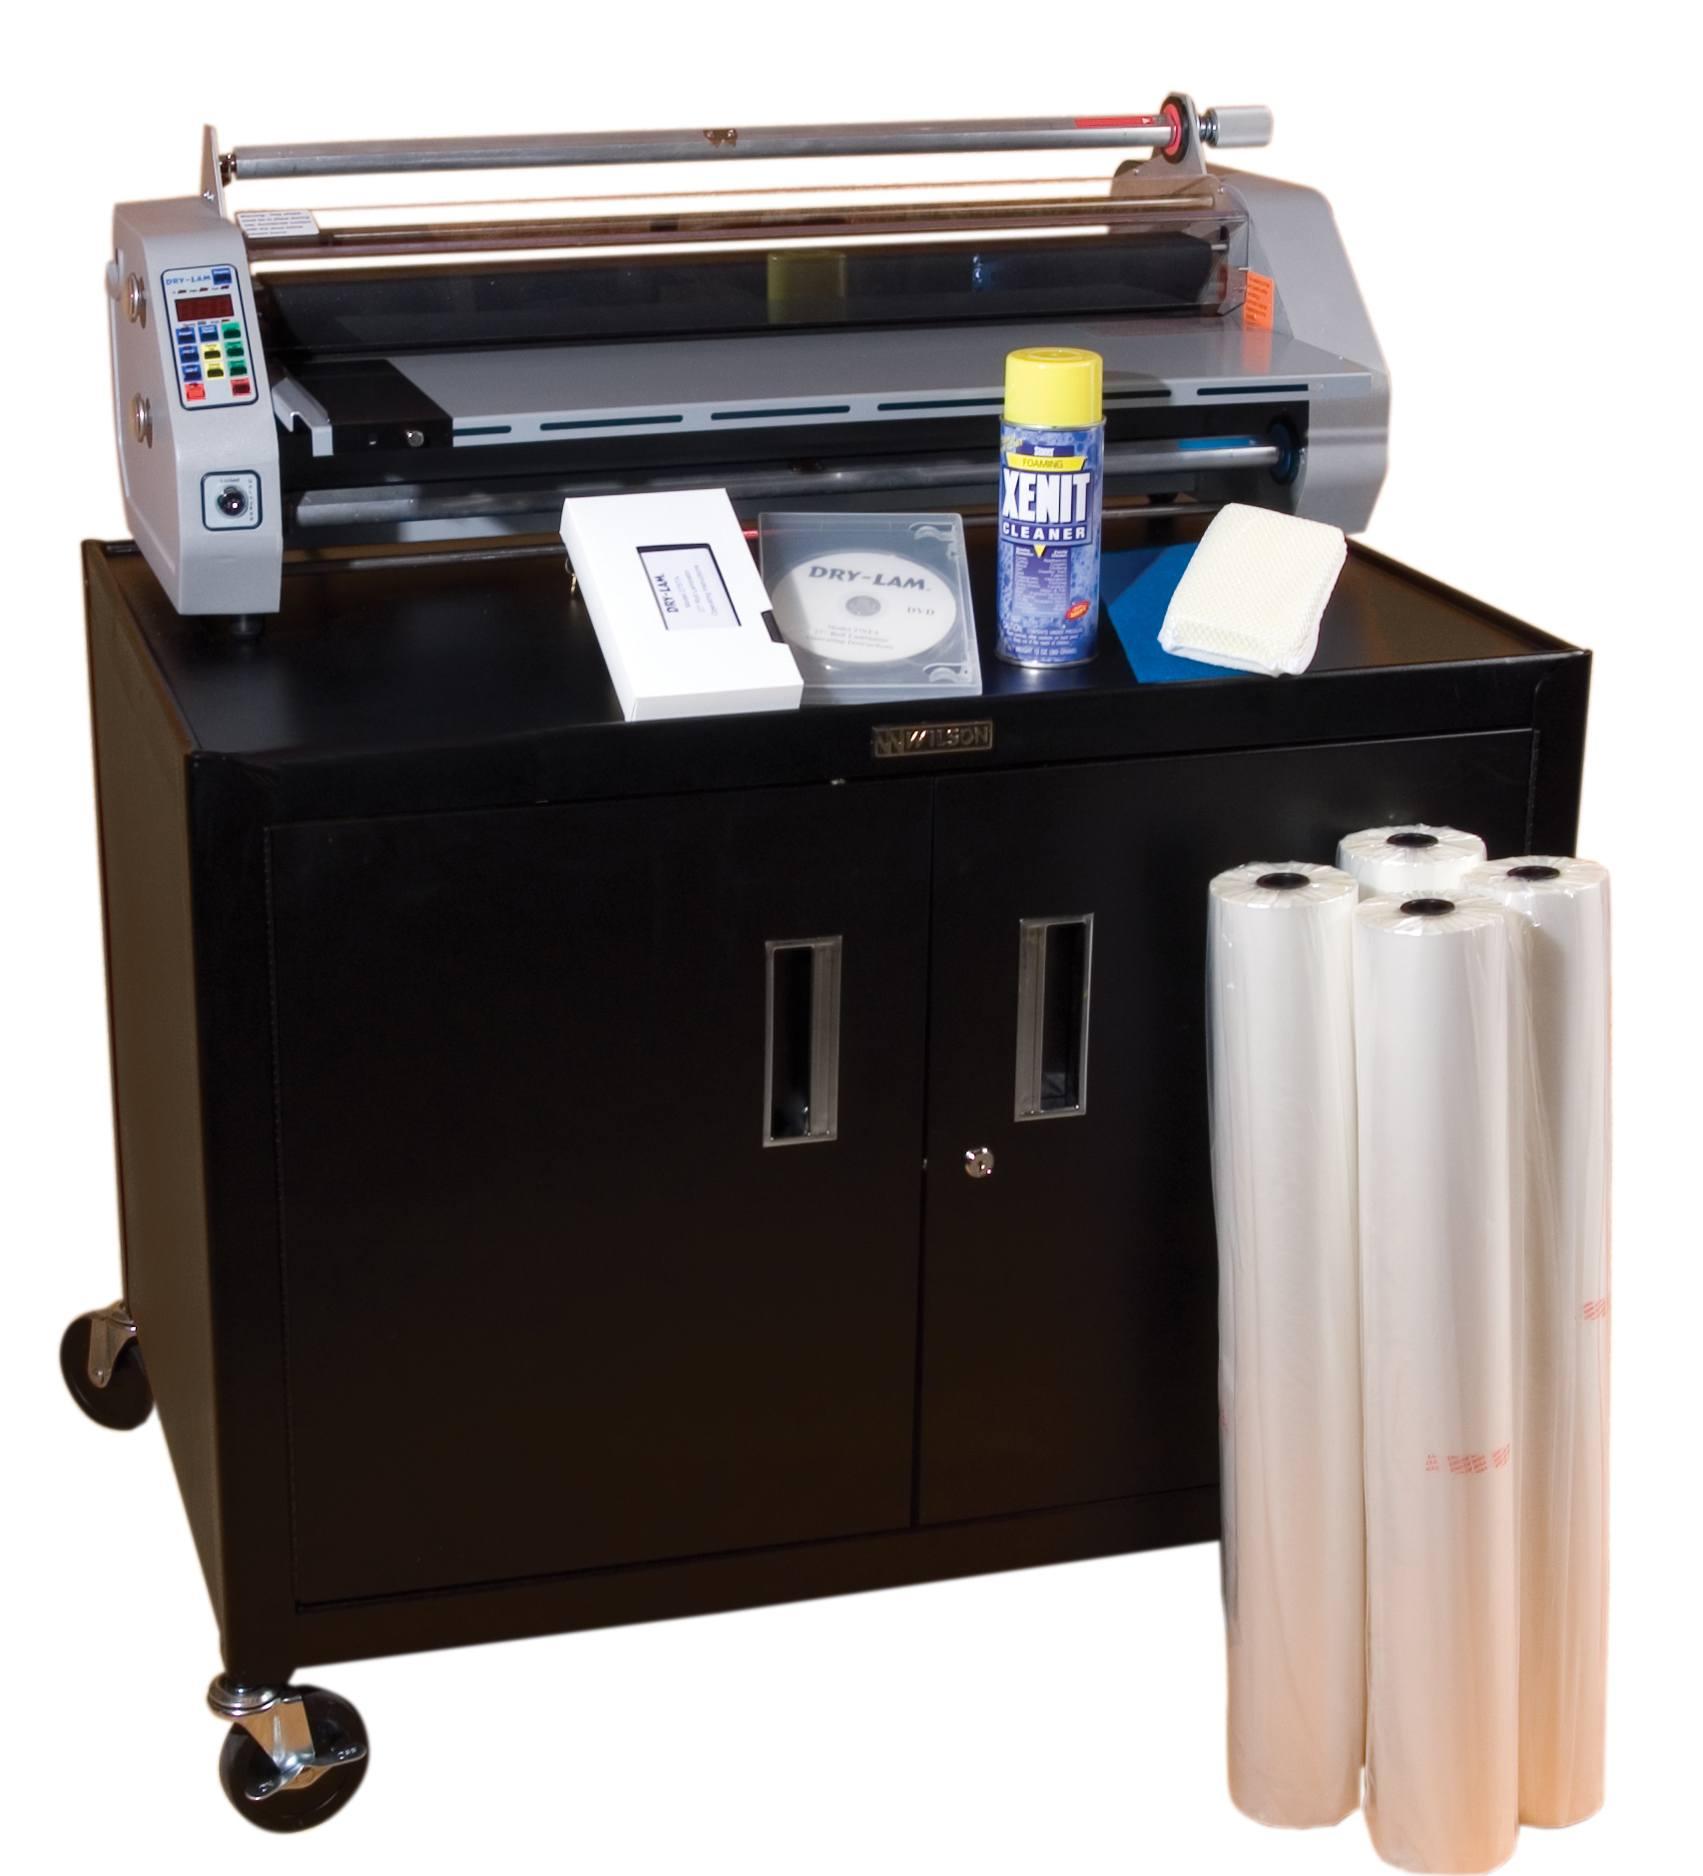 School Lam SL27 Roller Laminator System